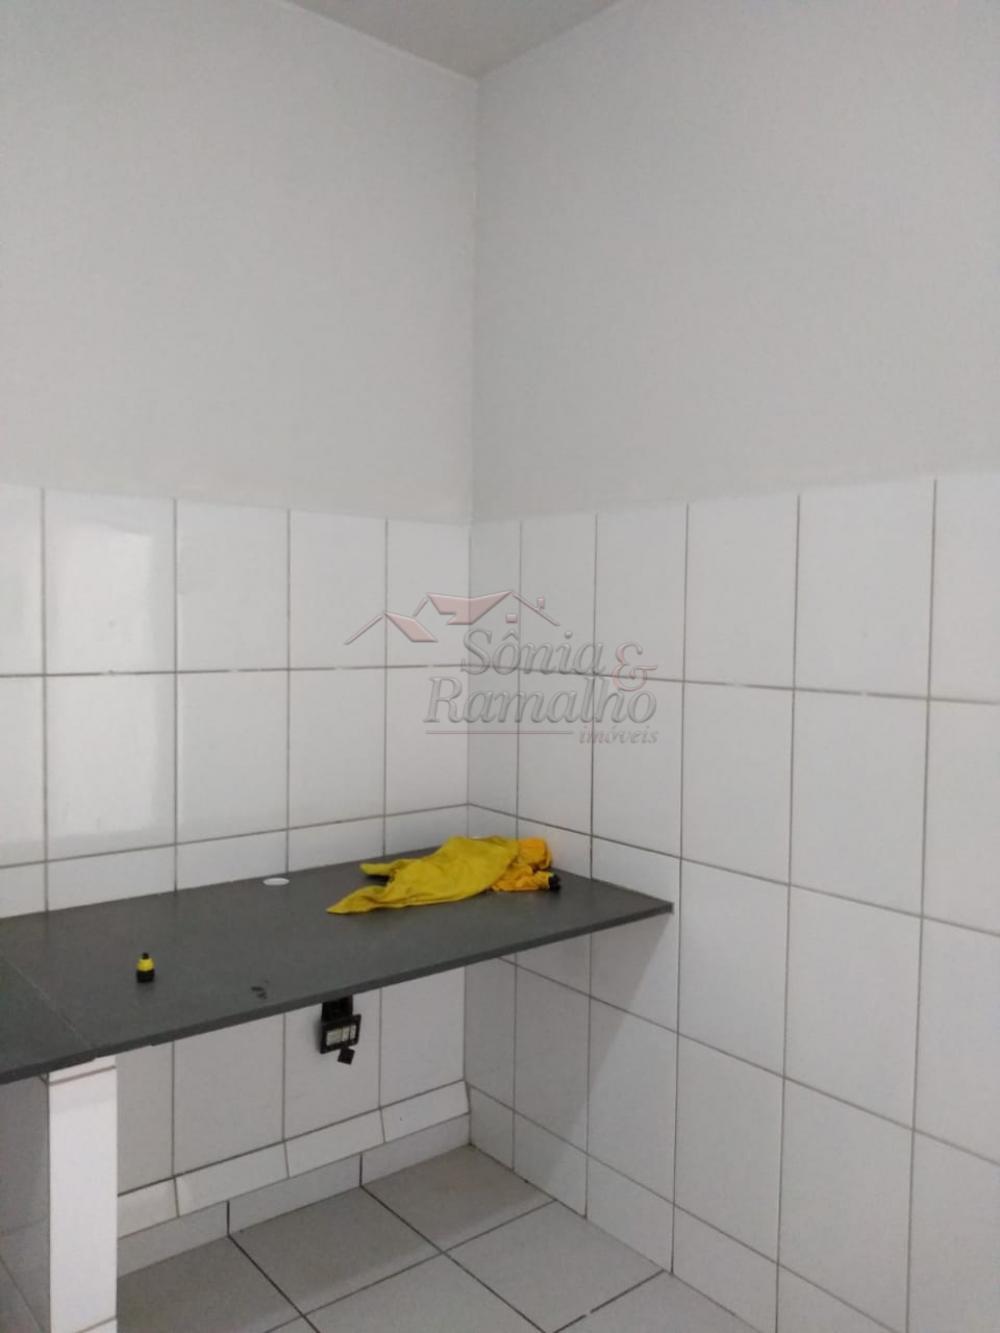 Alugar Comercial / Salão comercial em Ribeirão Preto apenas R$ 750,00 - Foto 15